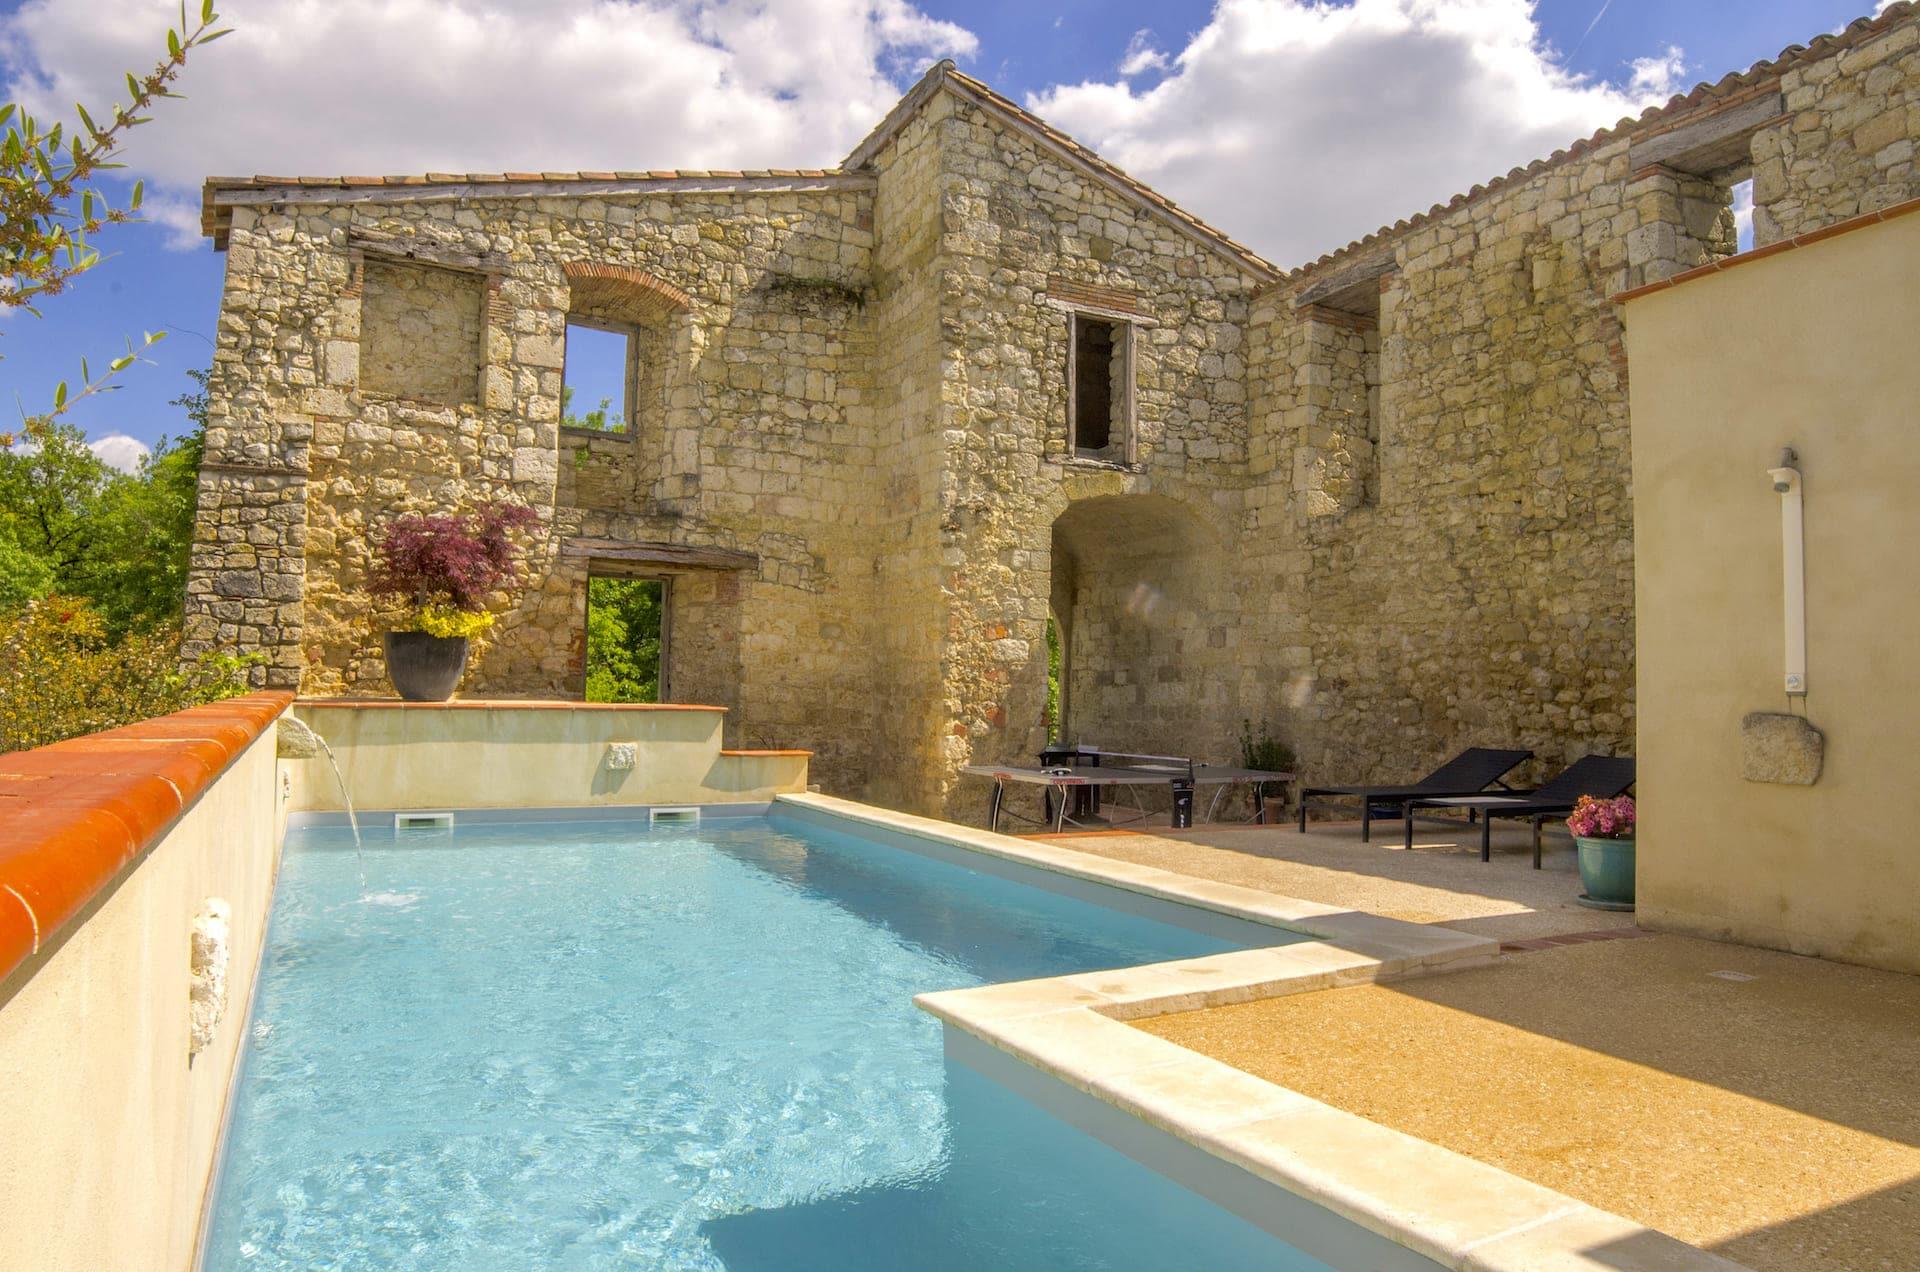 Piscine chauffée entourée des murs ancien datant du 13ème siècle